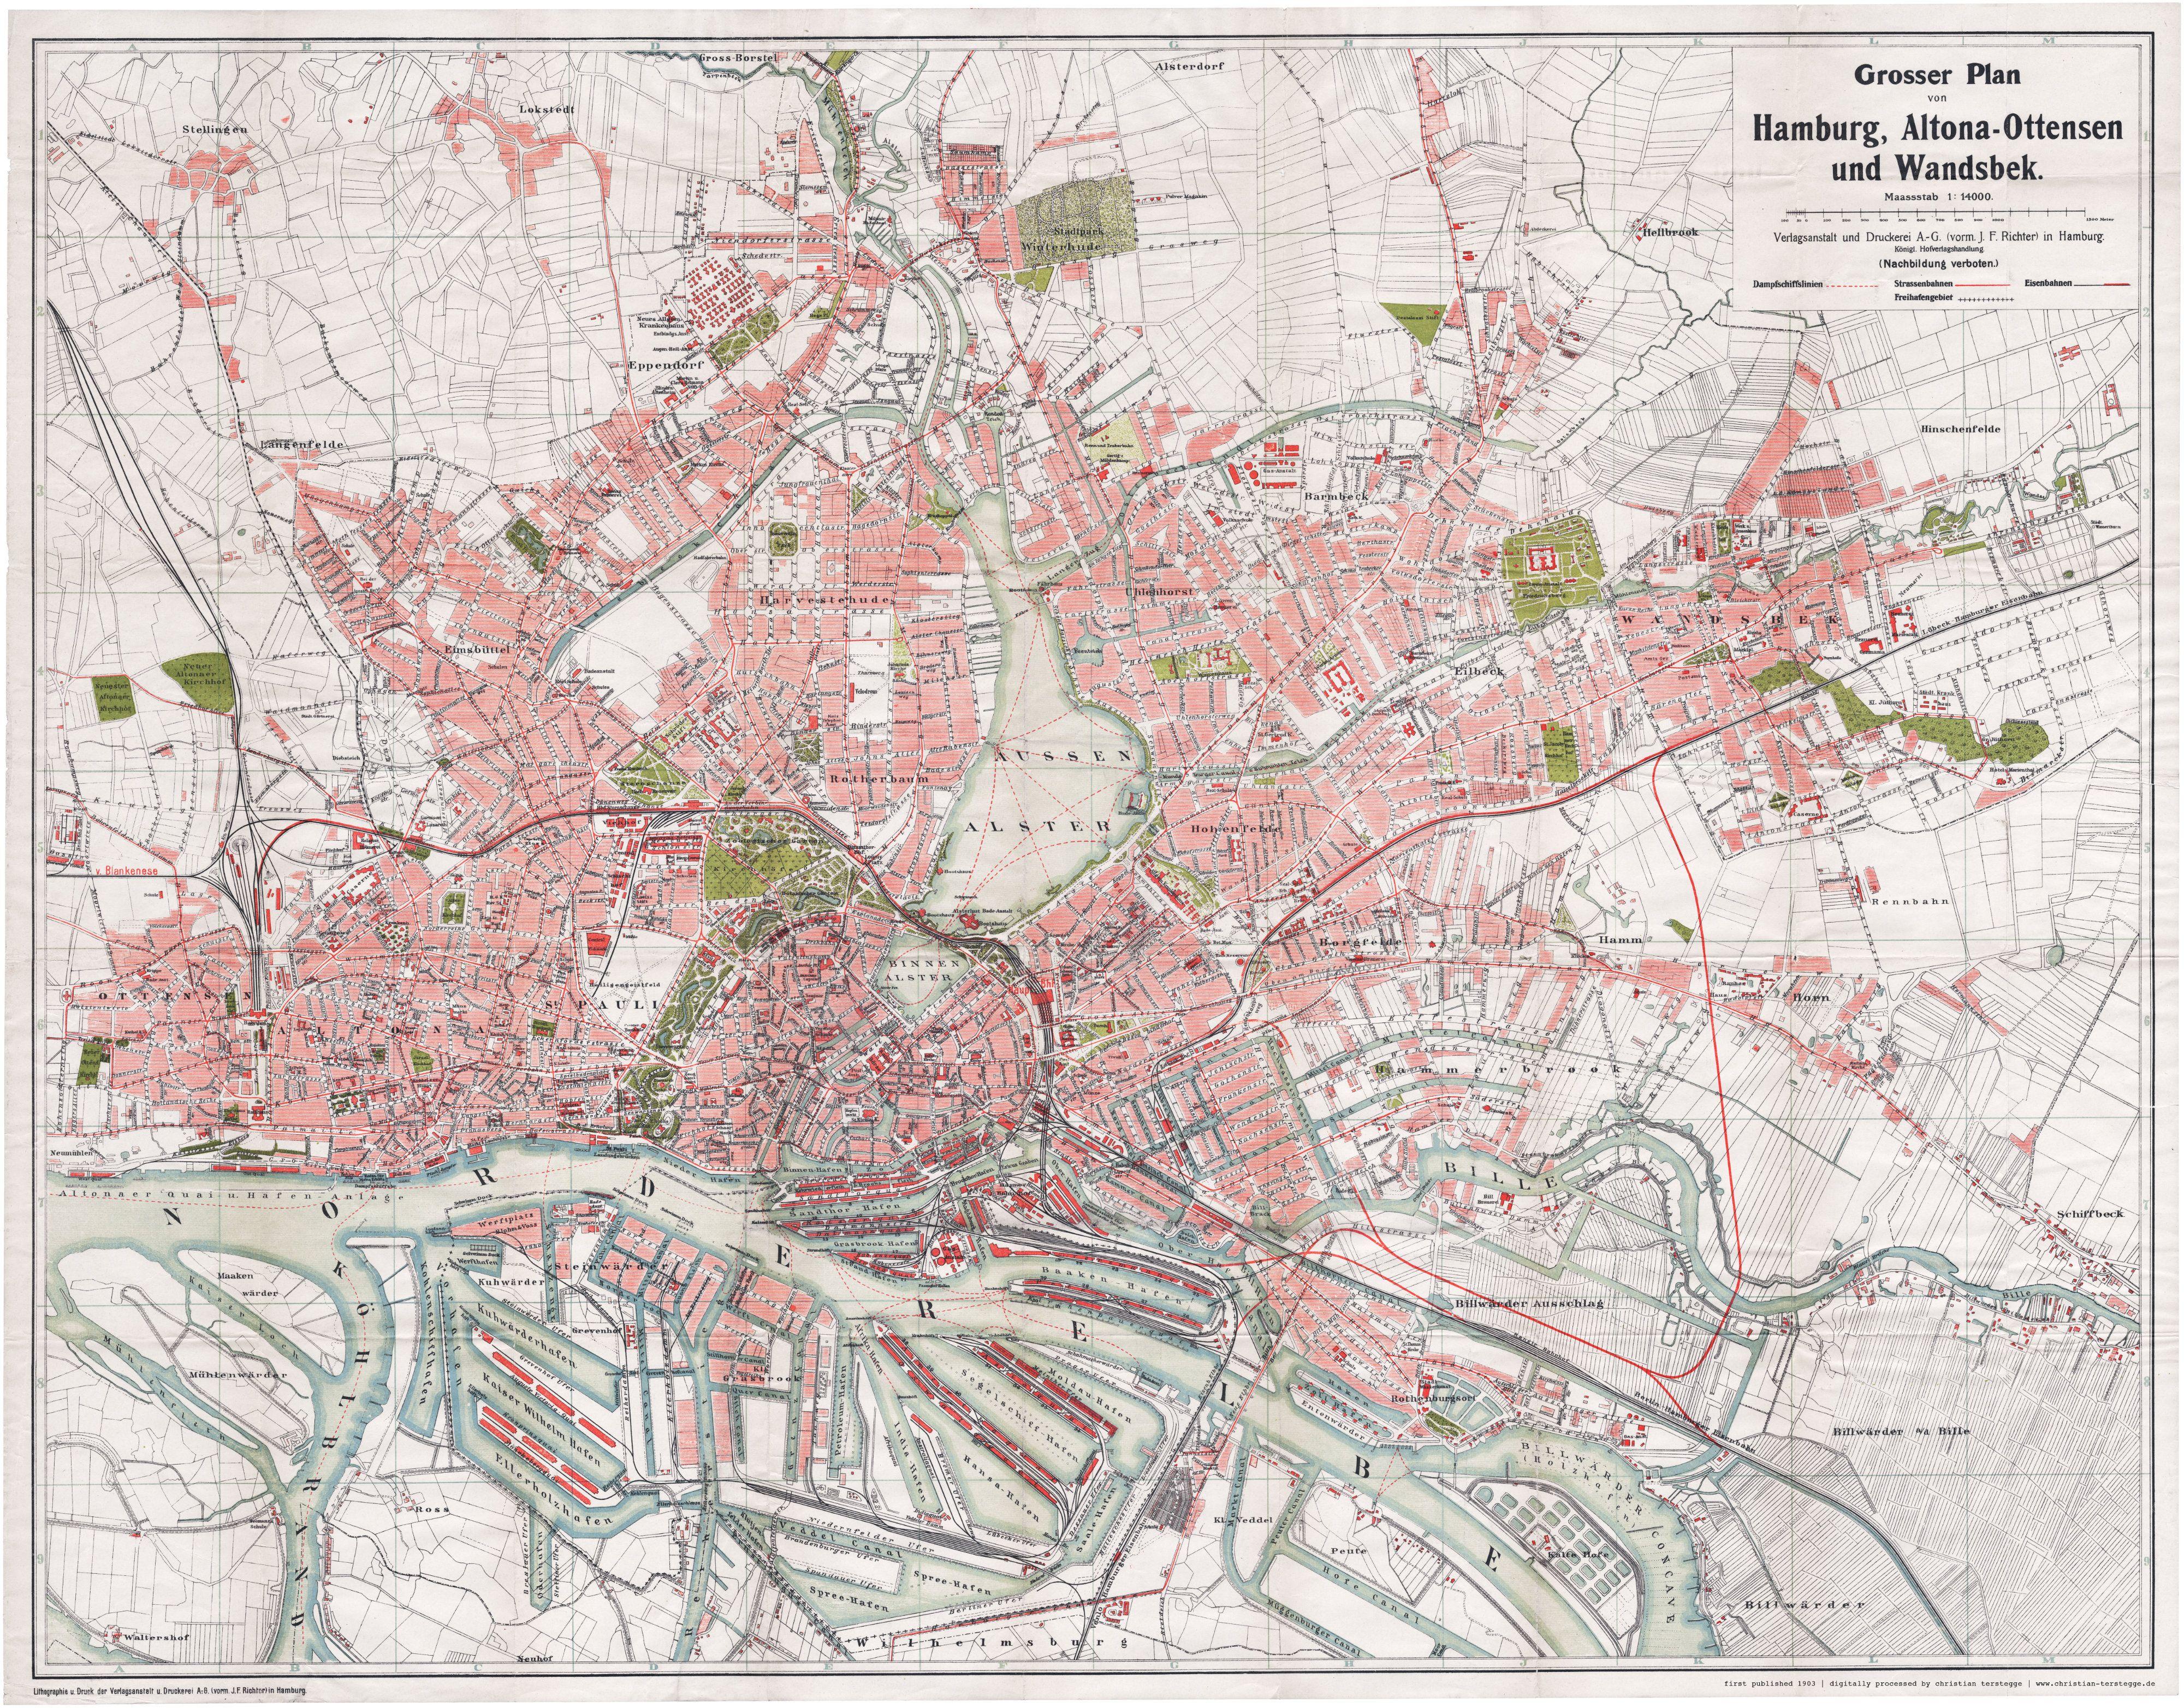 Karte Hamburg 1903 Grosser Plan Von Hamburg Altona Ottensen Und